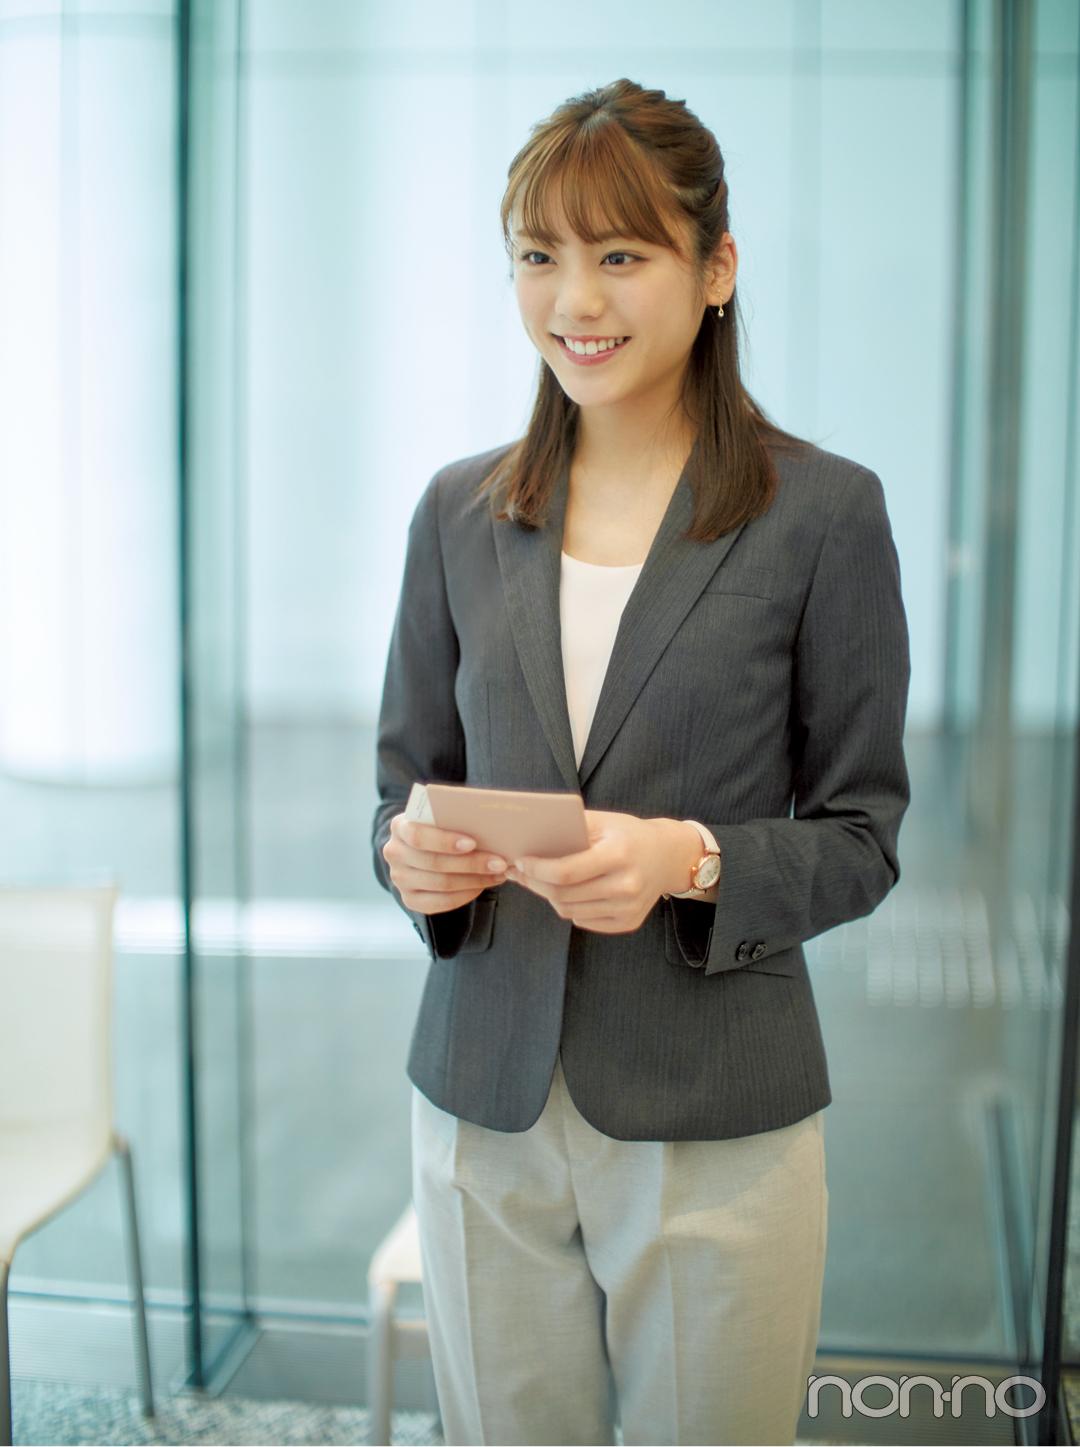 【オフィスコーデ初心者】一番見られるのは名刺交換の瞬間★ふさわしいジャケットとは?_1_2